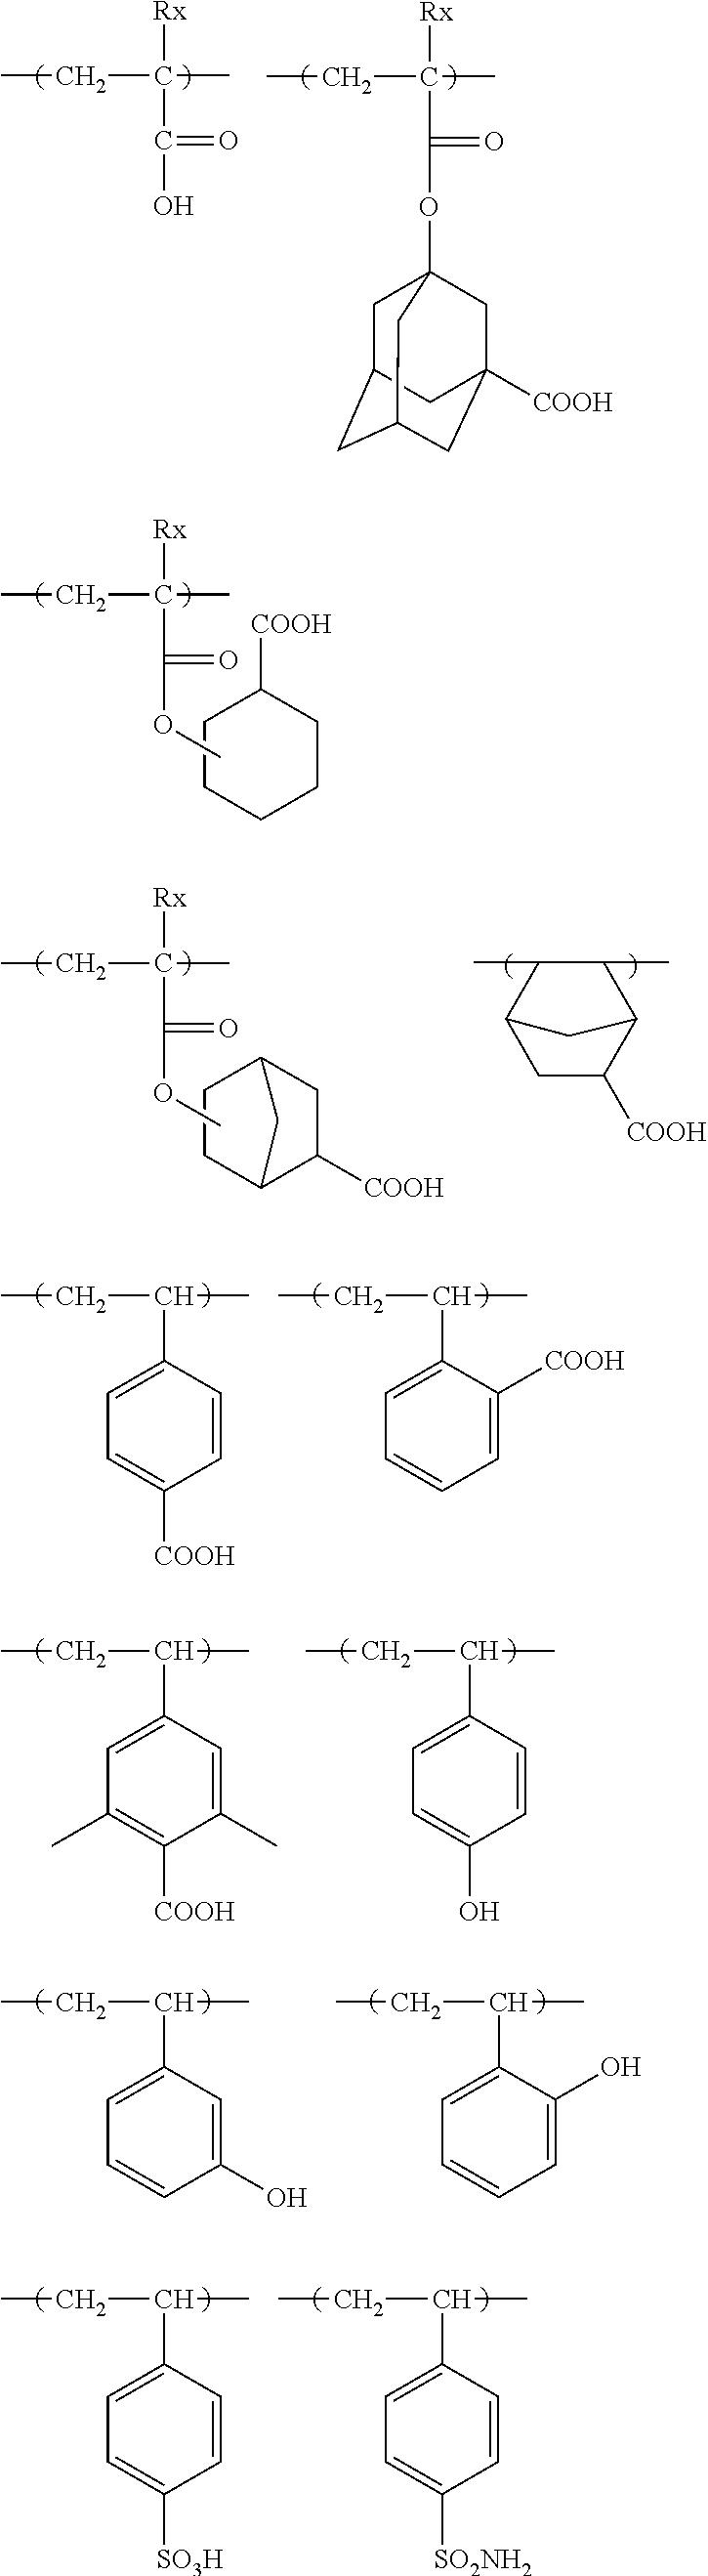 Figure US20110183258A1-20110728-C00108